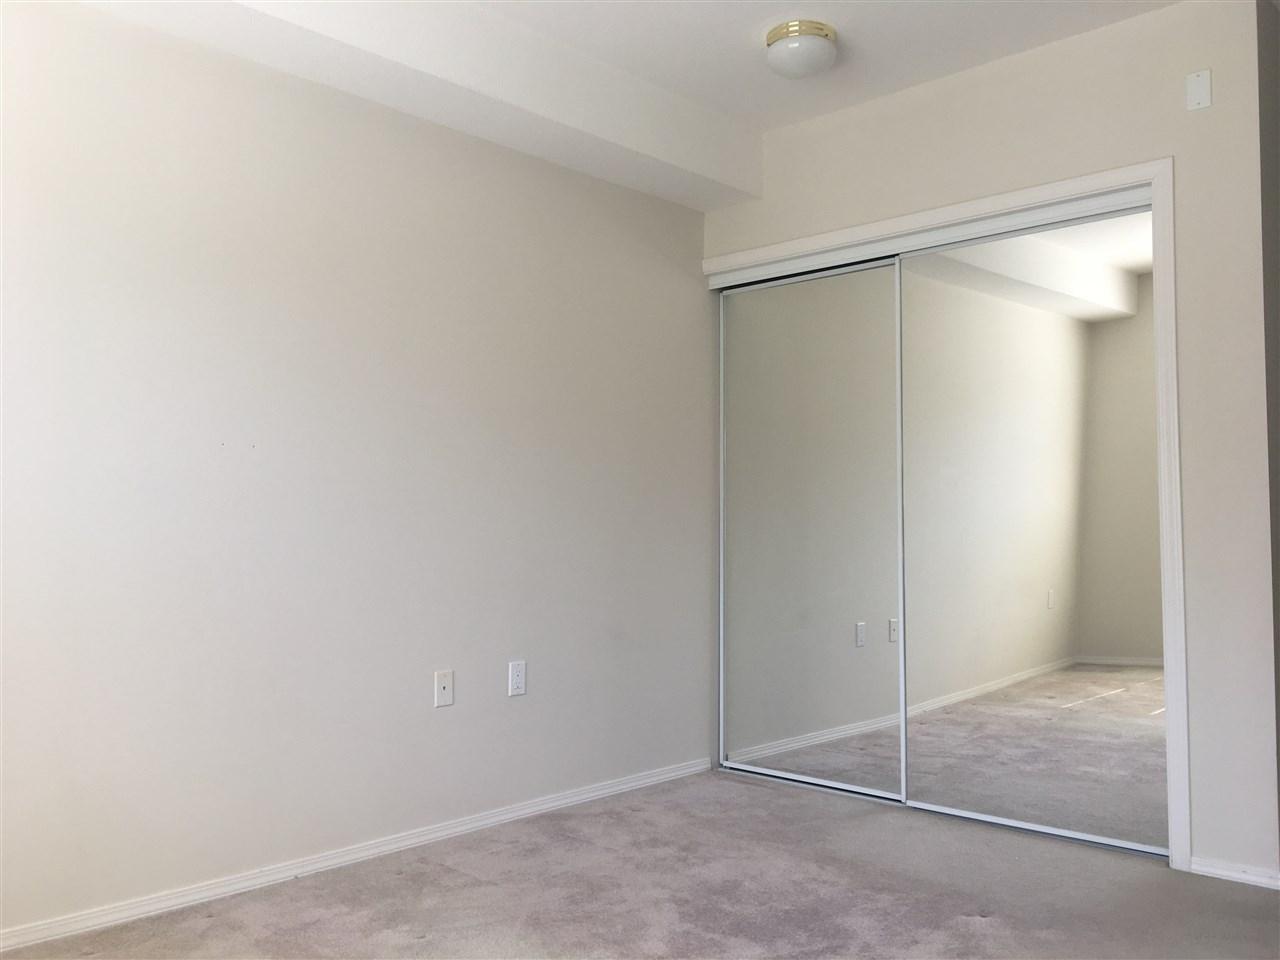 Condo Apartment at 311 1203 PEMBERTON STREET, Unit 311, Squamish, British Columbia. Image 2